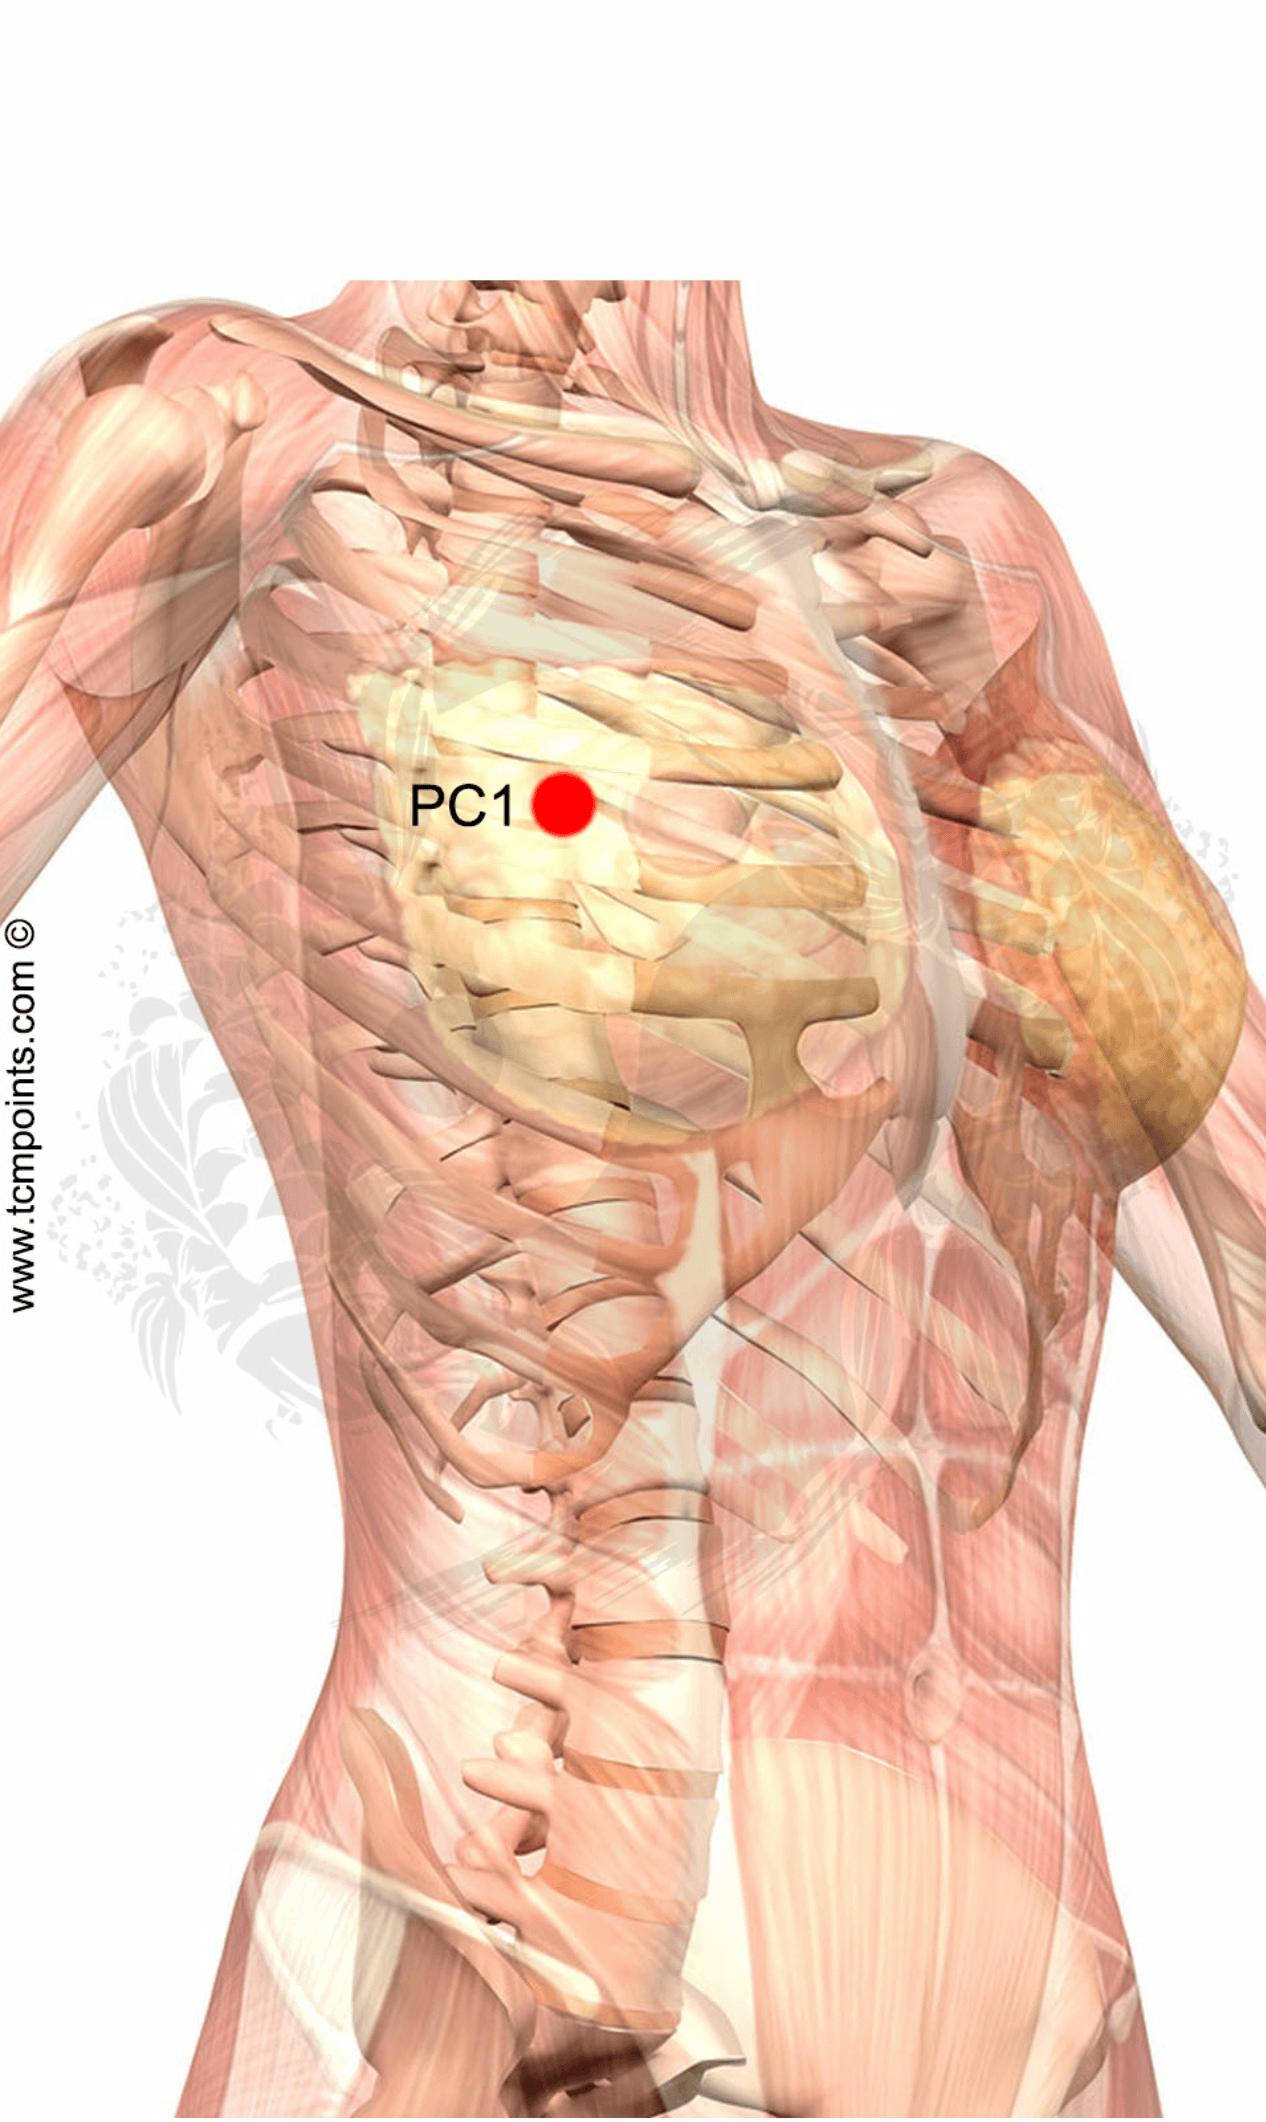 PC1--puntos-de-acupuntura.png | Abeja | Pinterest | Puntos de ...